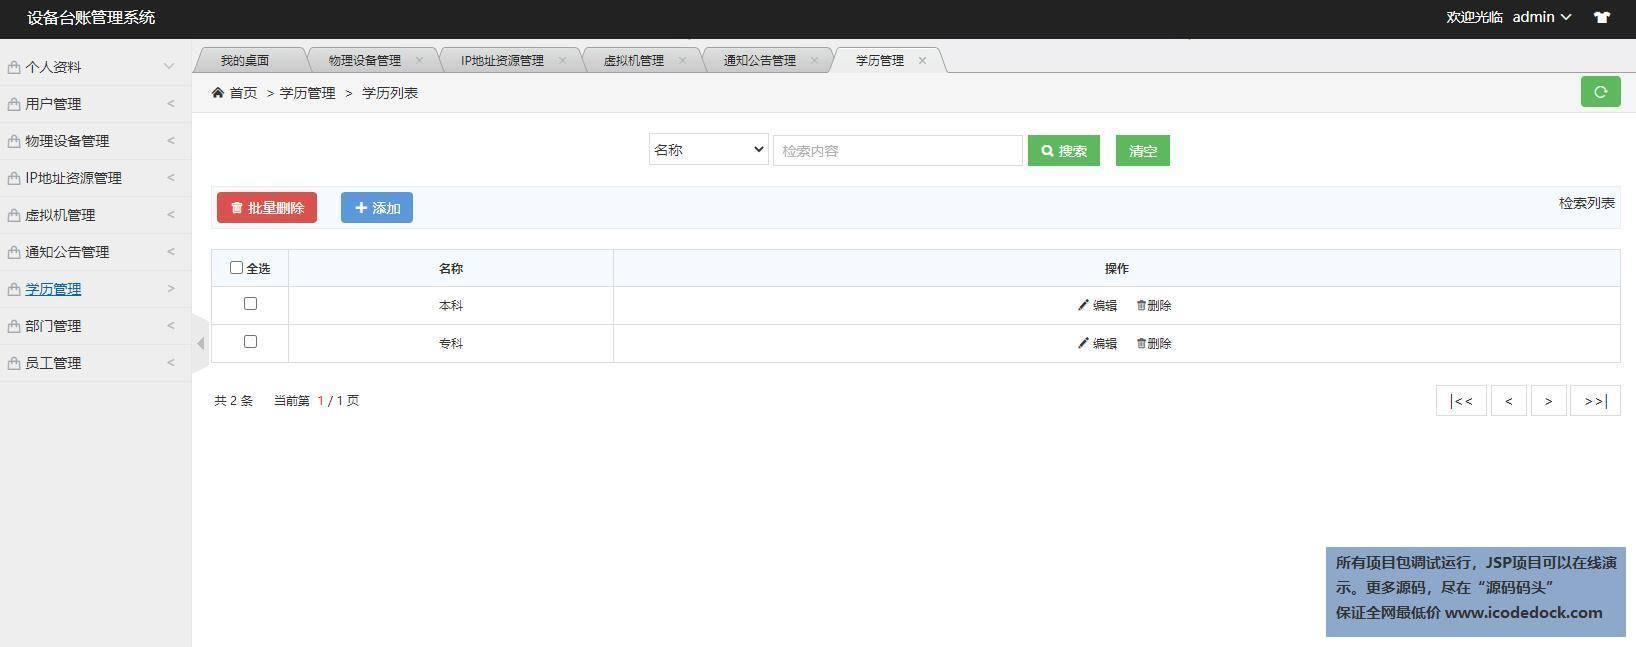 源码码头-SSM设备台账管理系统-管理员角色-学历管理